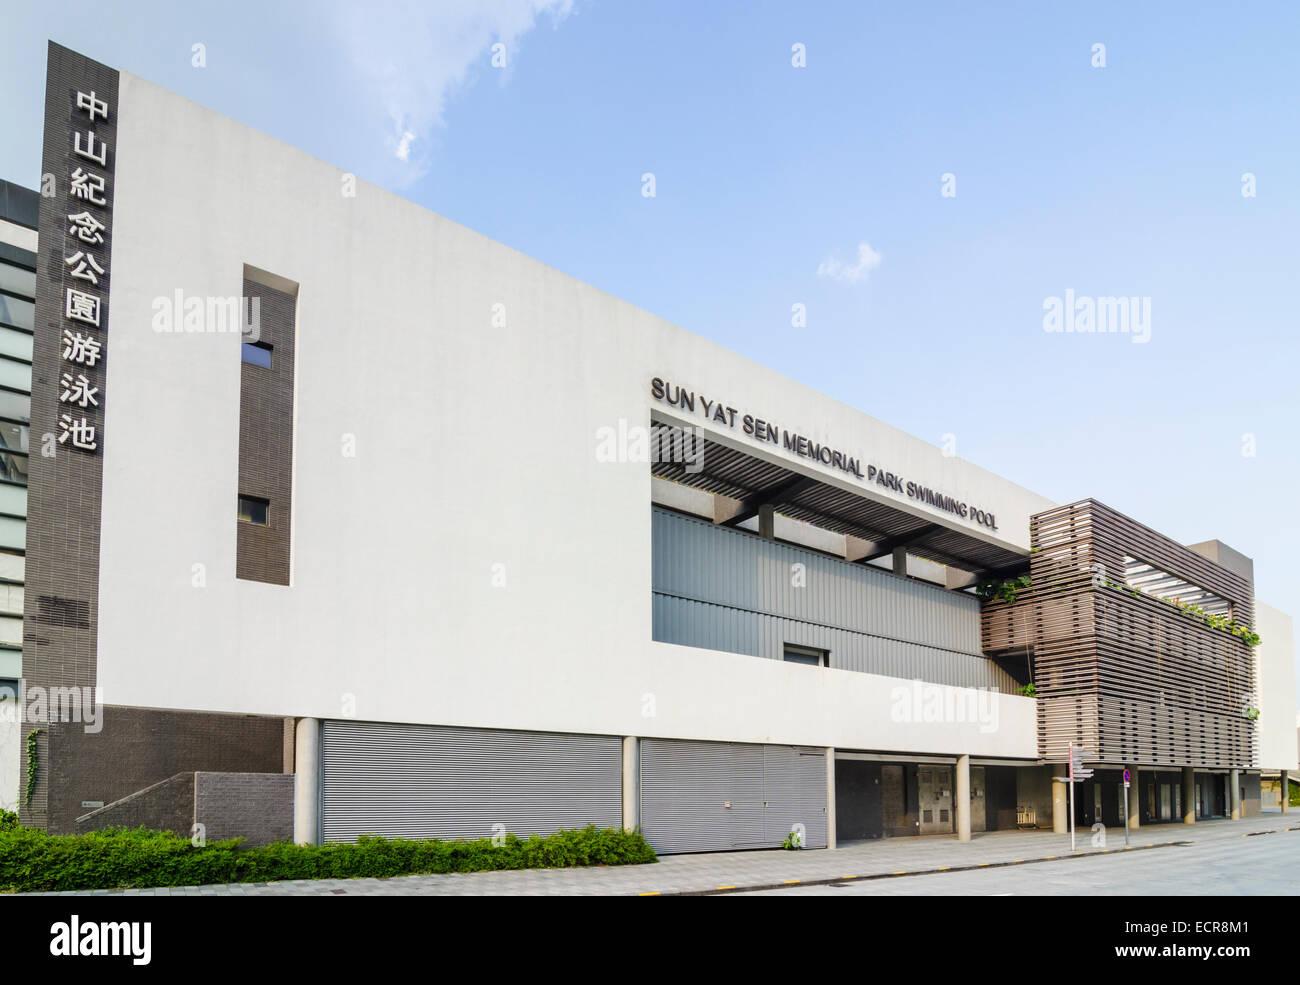 The Sun Yat Sen Memorial Park Swimming Pool building, Sai Ying Pun ...